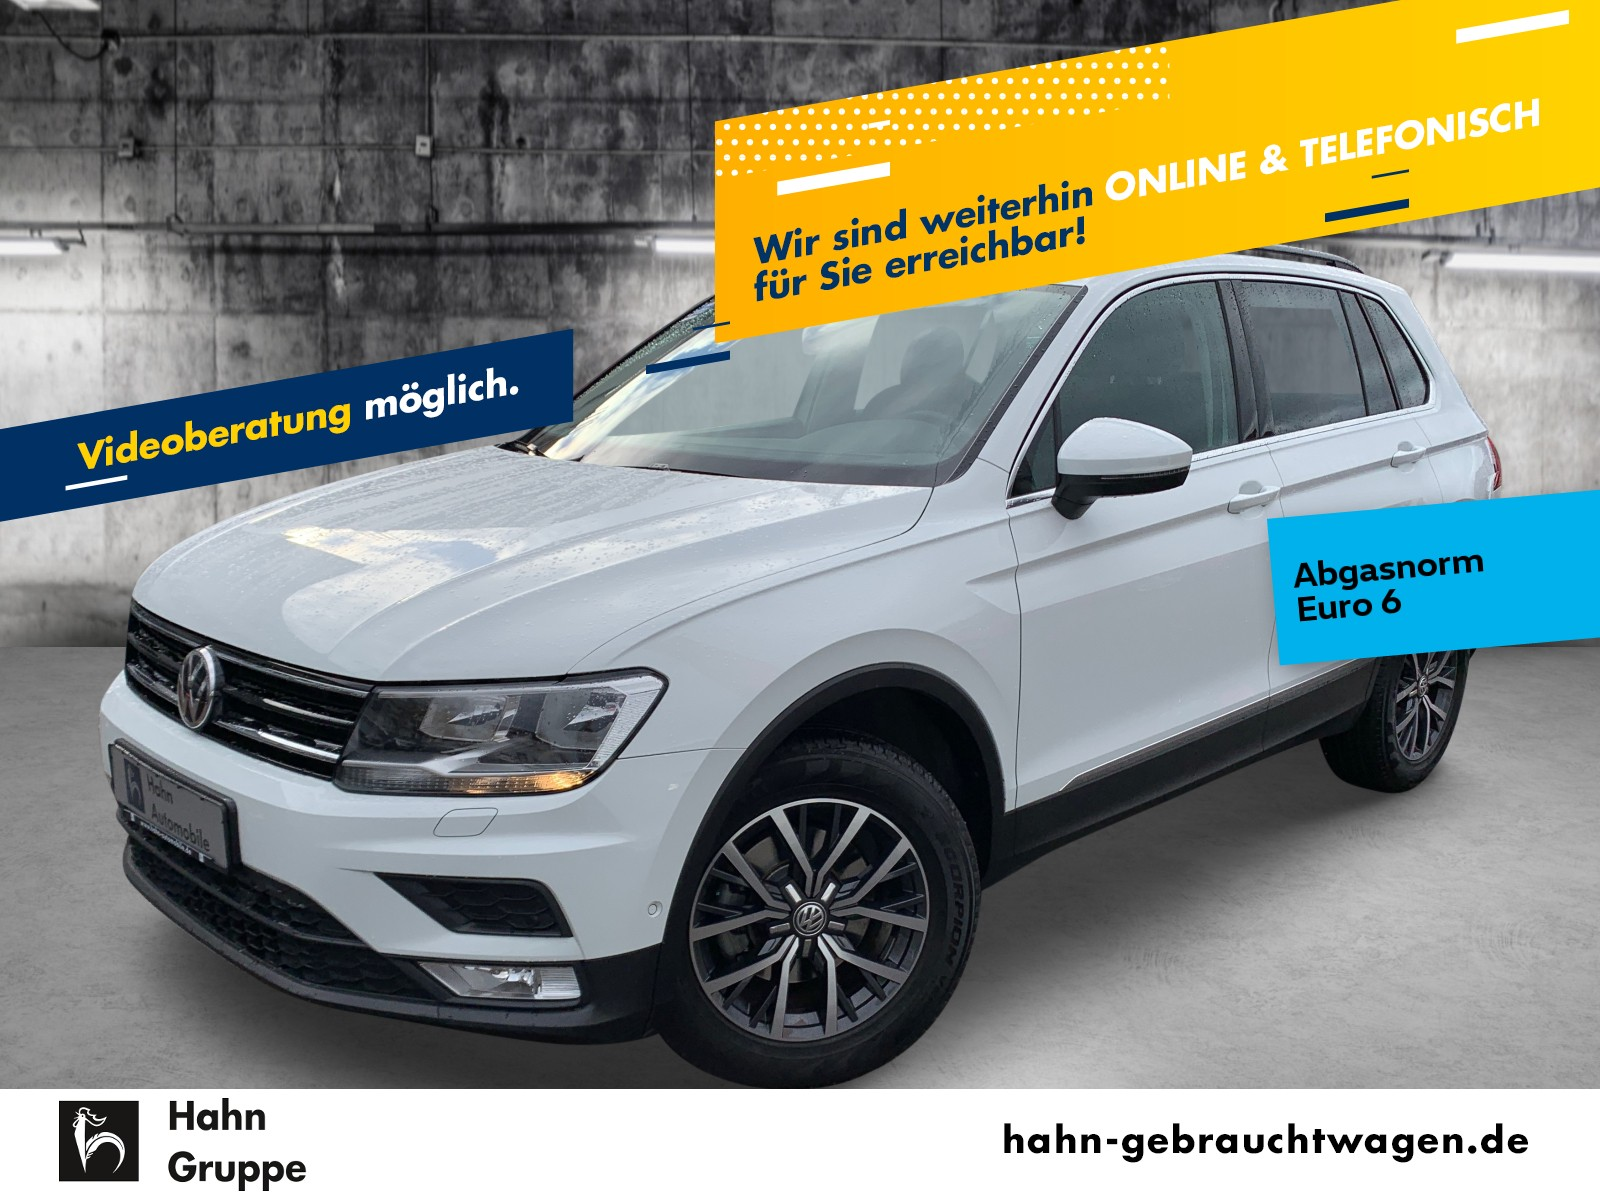 Volkswagen Tiguan Comfortline 1.4TSI 4Mot Navi Sitzh Einpark, Jahr 2016, Benzin